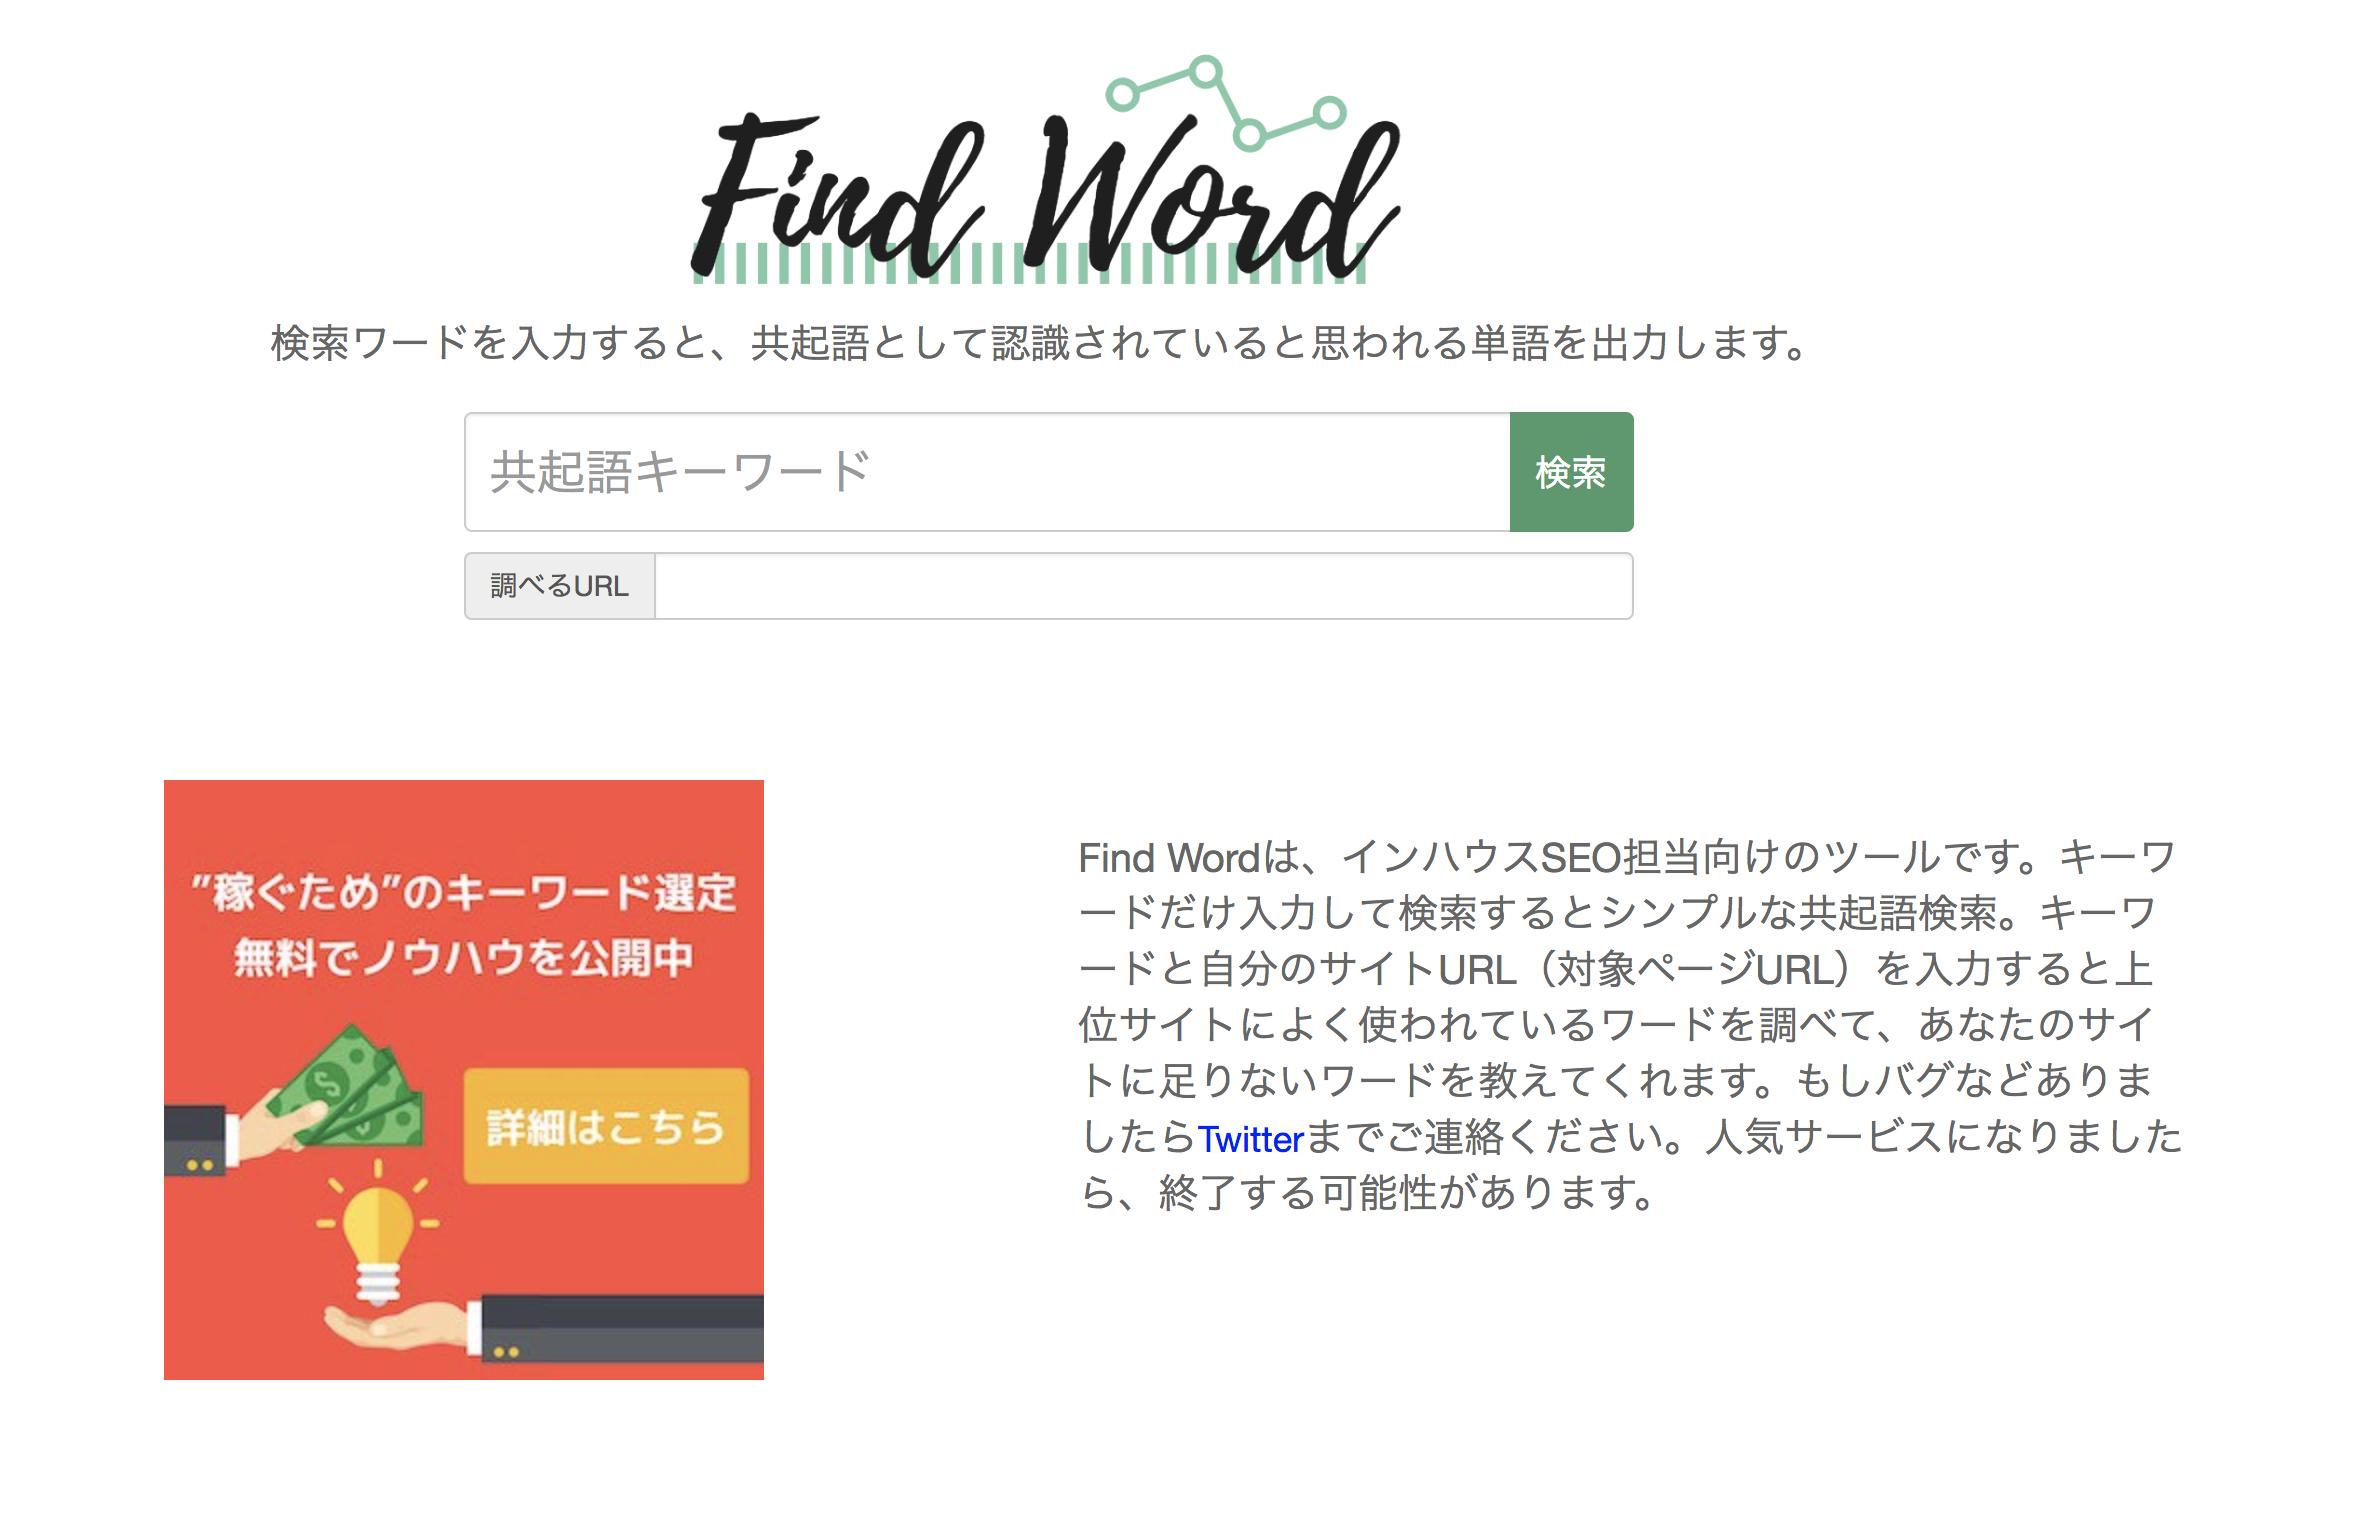 アフィリエイト 記事 リライト ツール FindWord